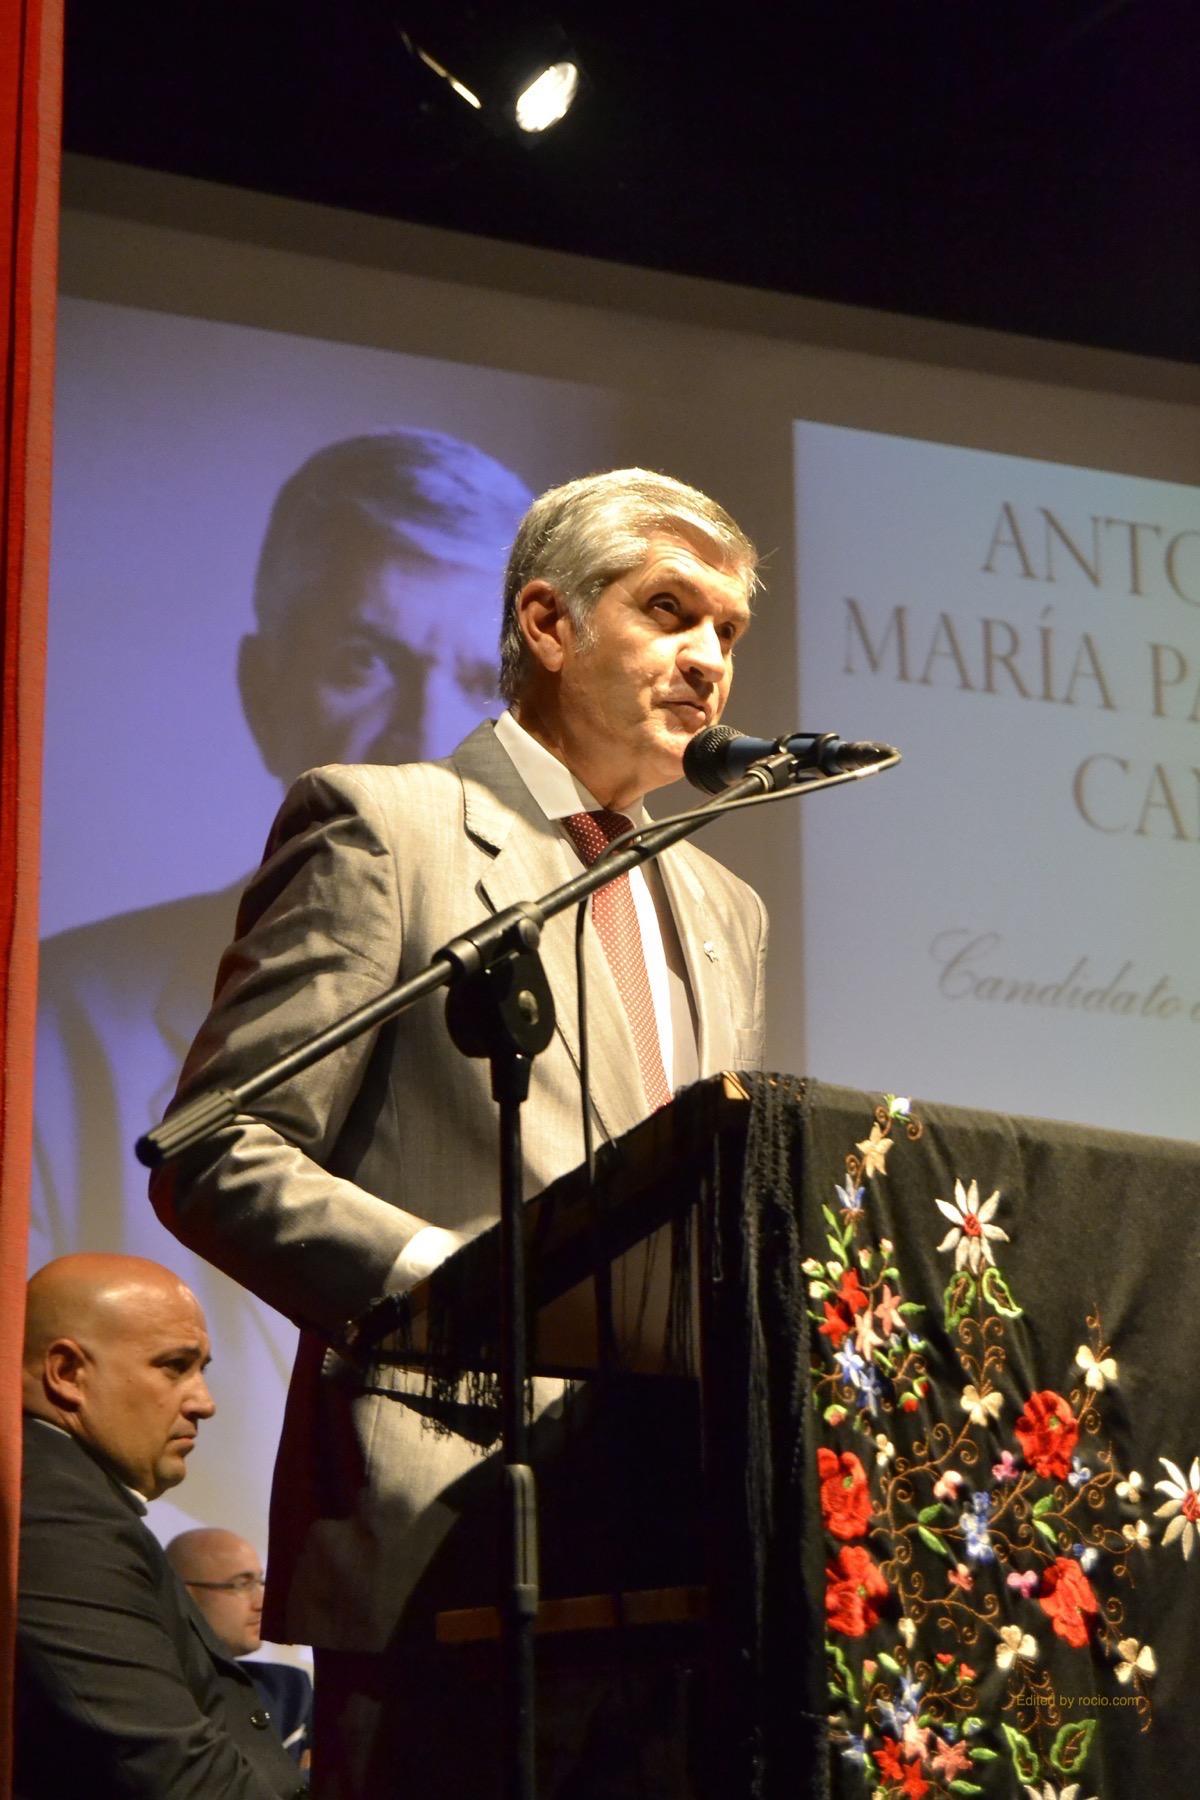 Antonio-Maria-Palomar-presenta-su-candidatura-a-Hermano-Mayor-a-la-Hermandad-del-Rocio-de-Gines-5